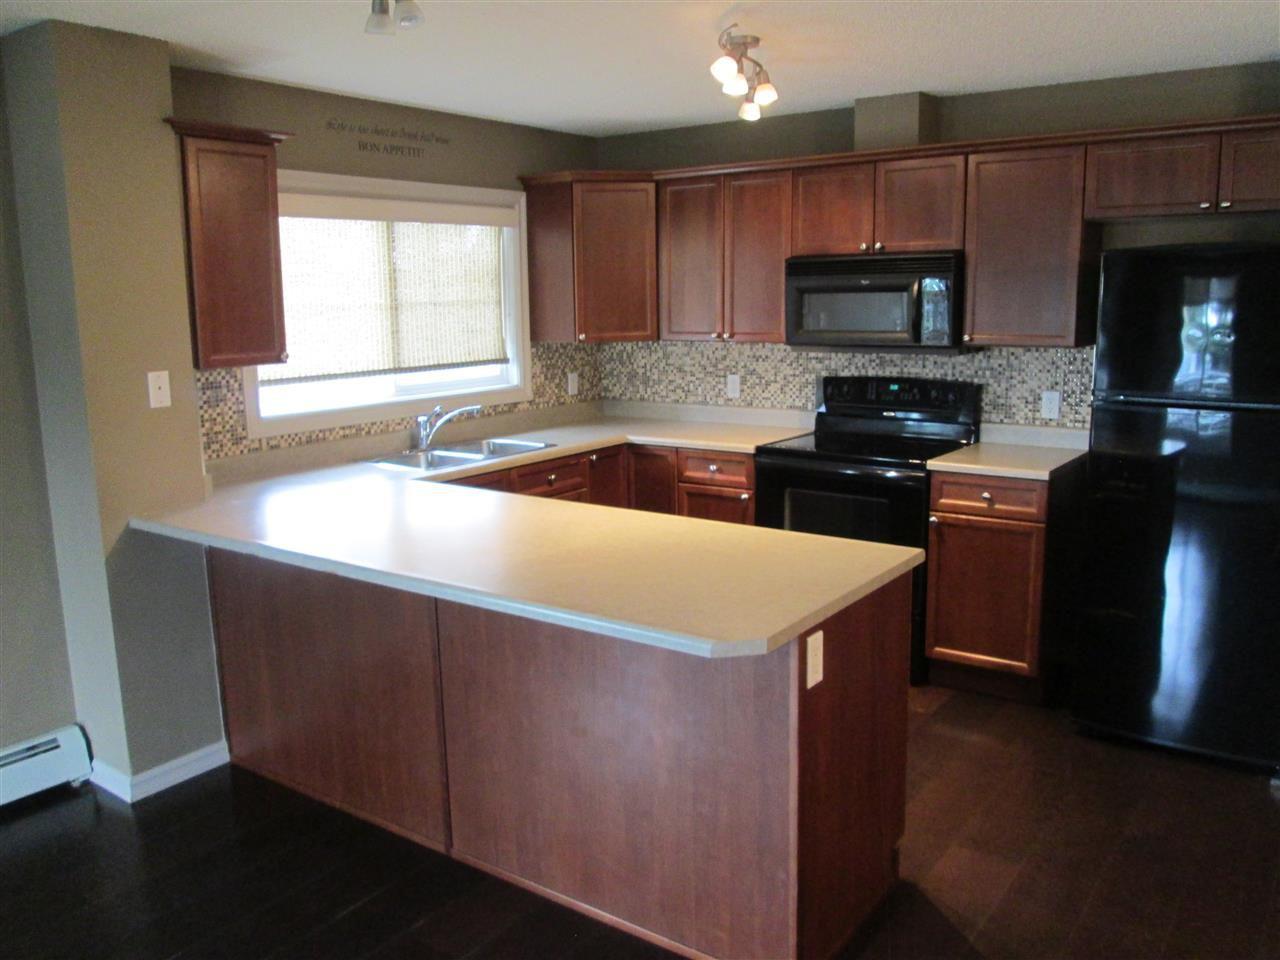 Main Photo: 101 15211 139 Street in Edmonton: Zone 27 Condo for sale : MLS®# E4149661